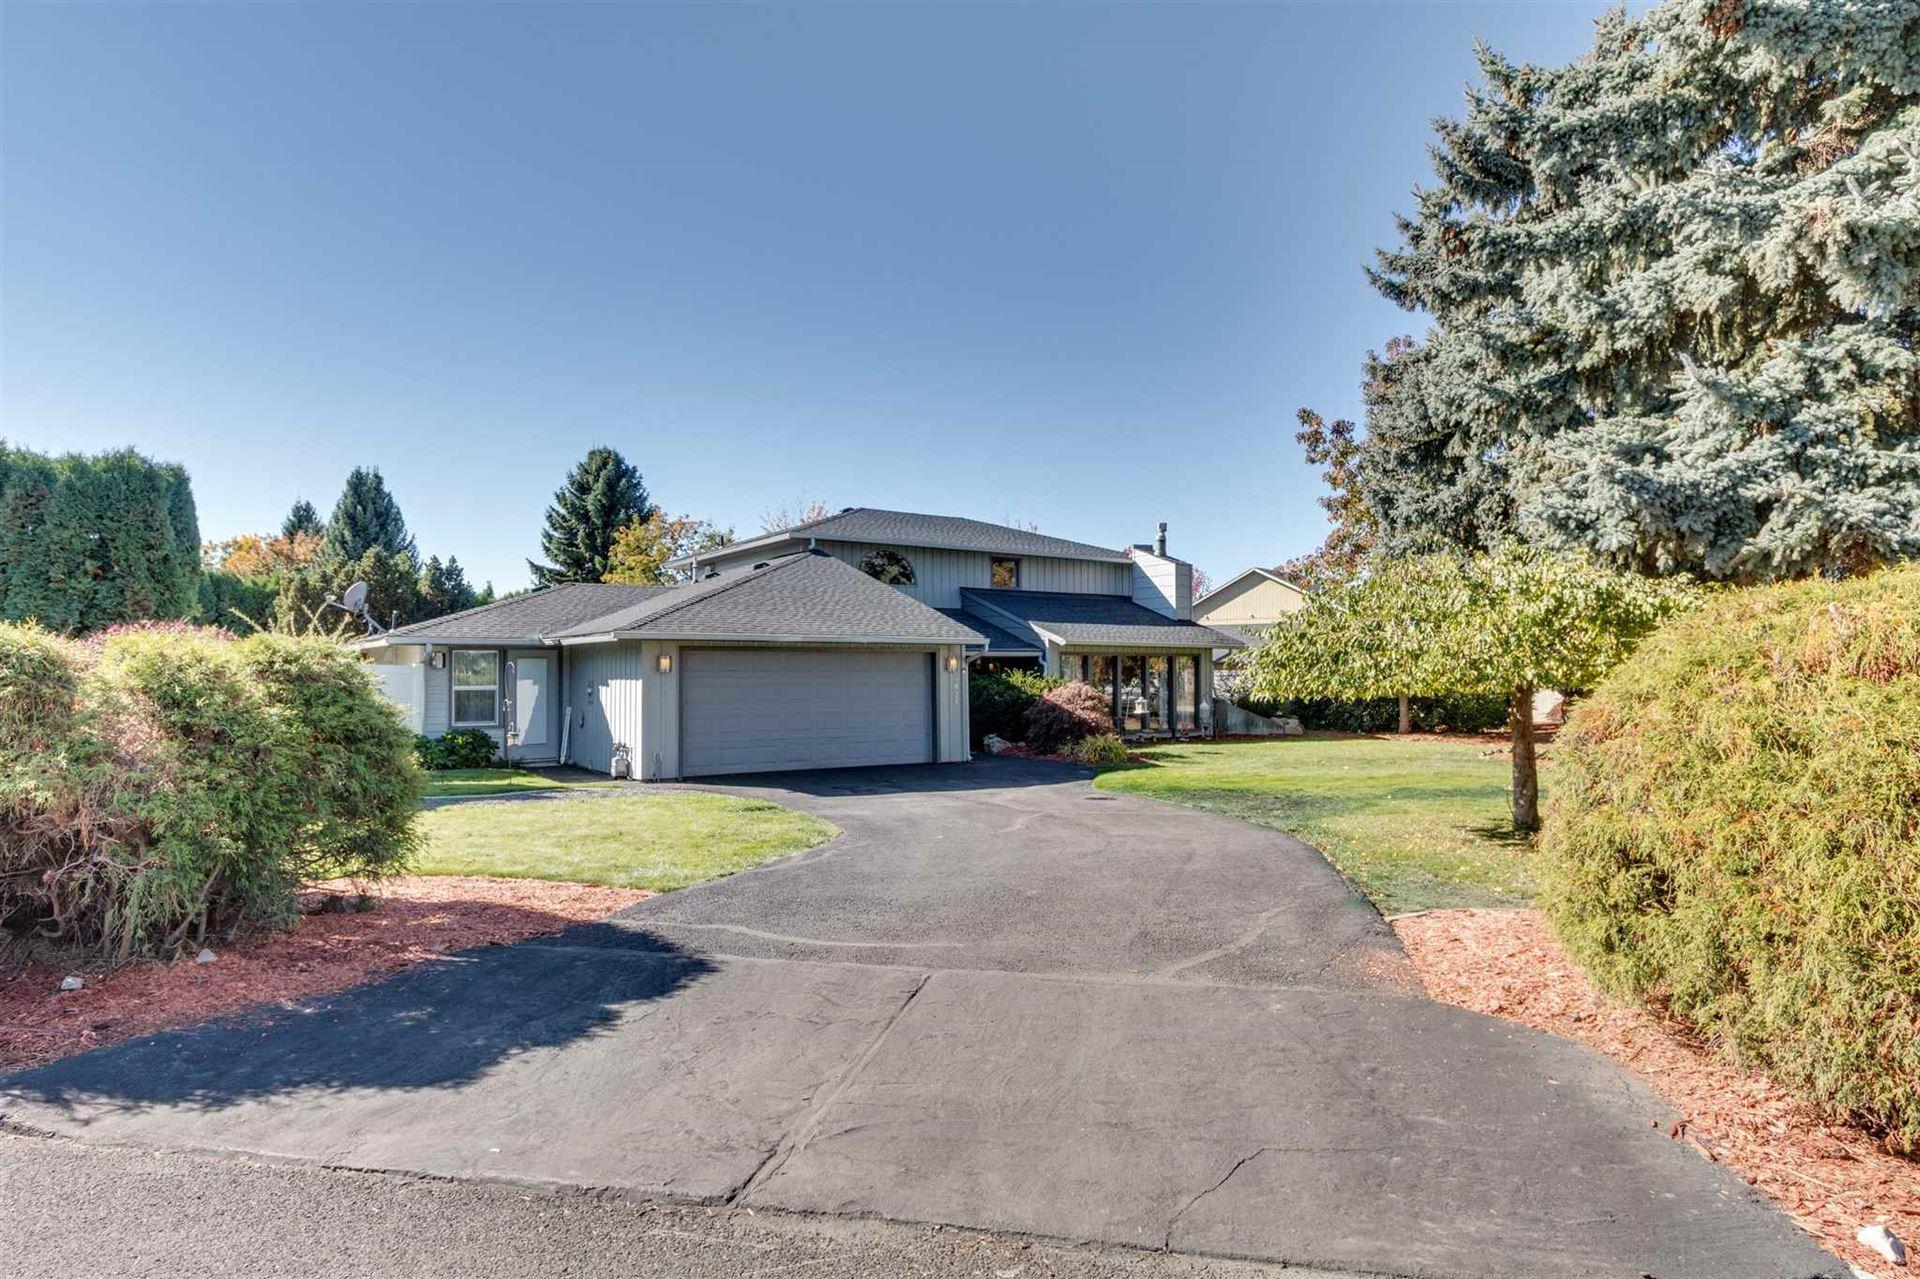 Photo of 8025 N Maple St, Spokane, WA 99208 (MLS # 202123751)